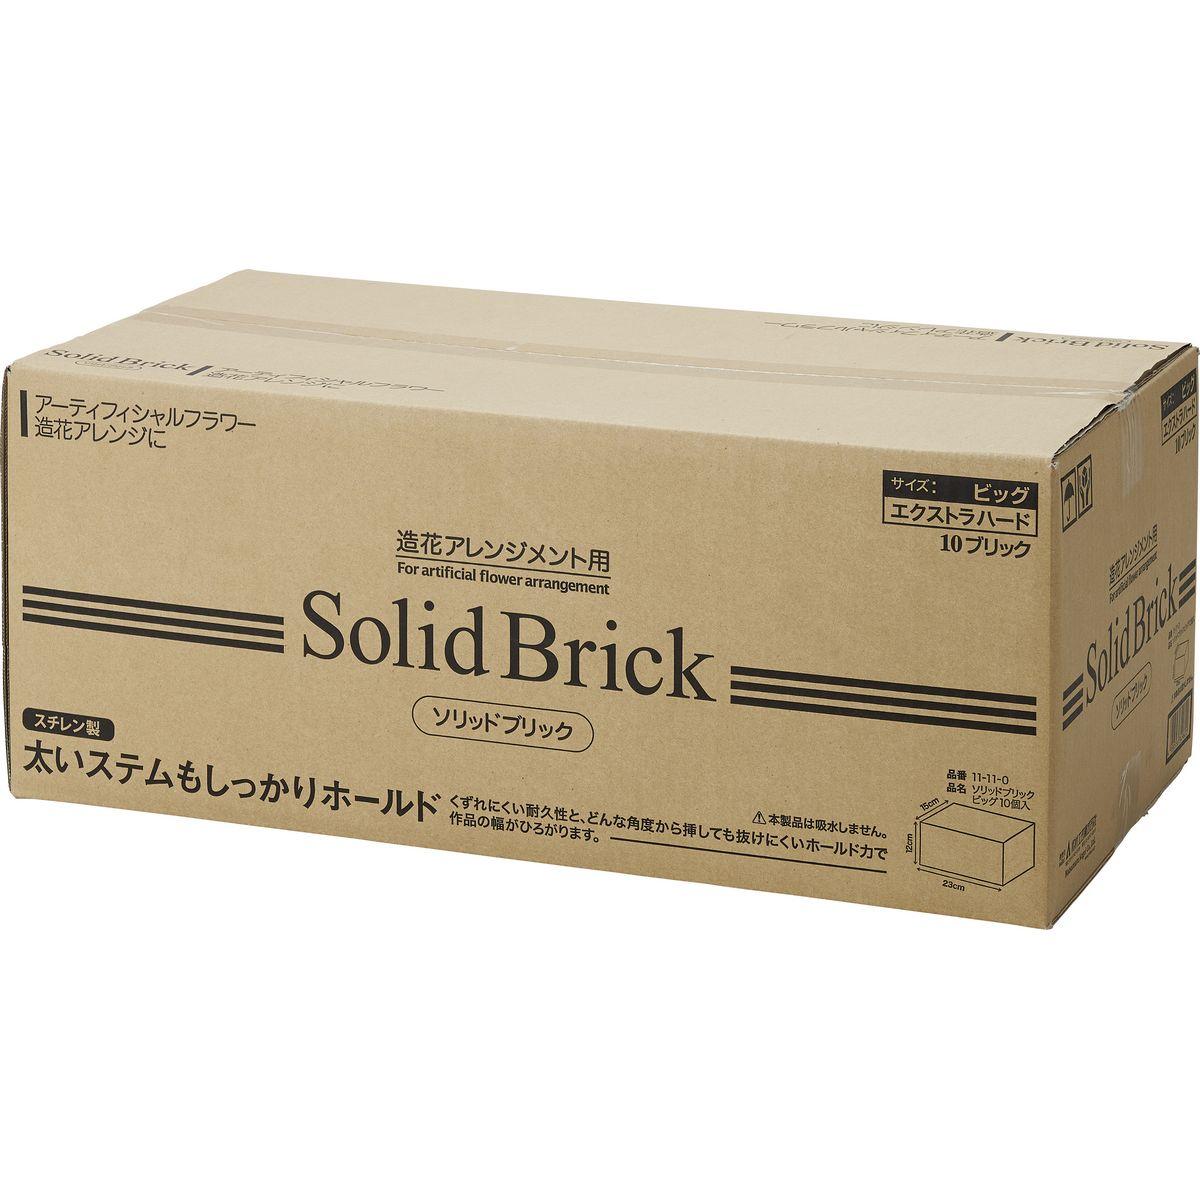 ソリッドブリック ビッグサイズ/11-11-0【01】【取寄】[10個]